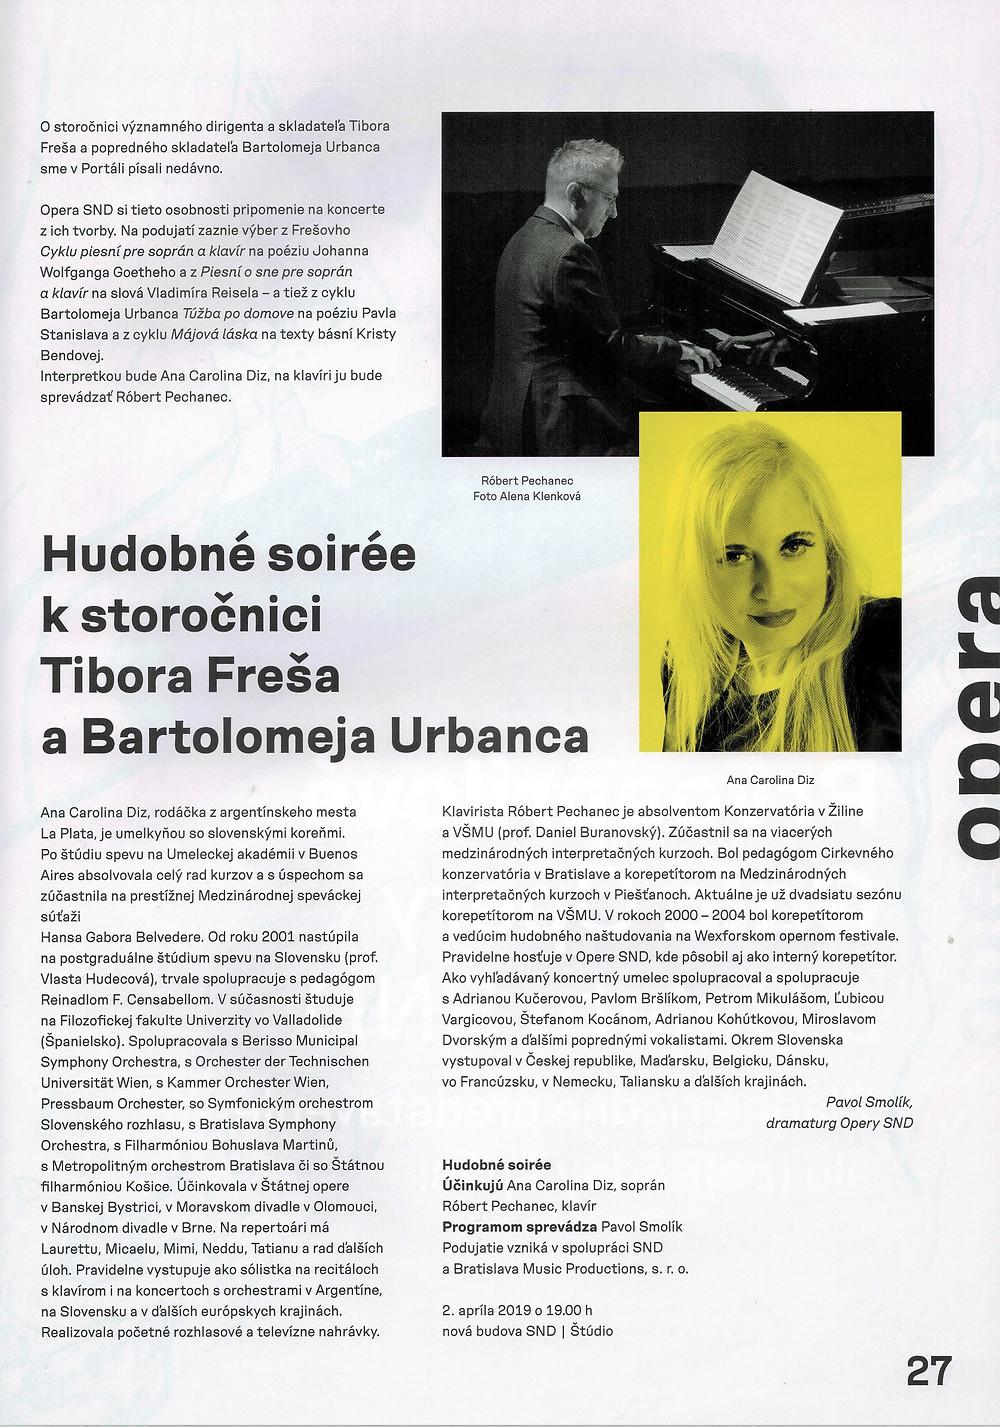 Musical soirée to the century of Tibor Frešo and Bartolomej Urbanec, CD presentation.